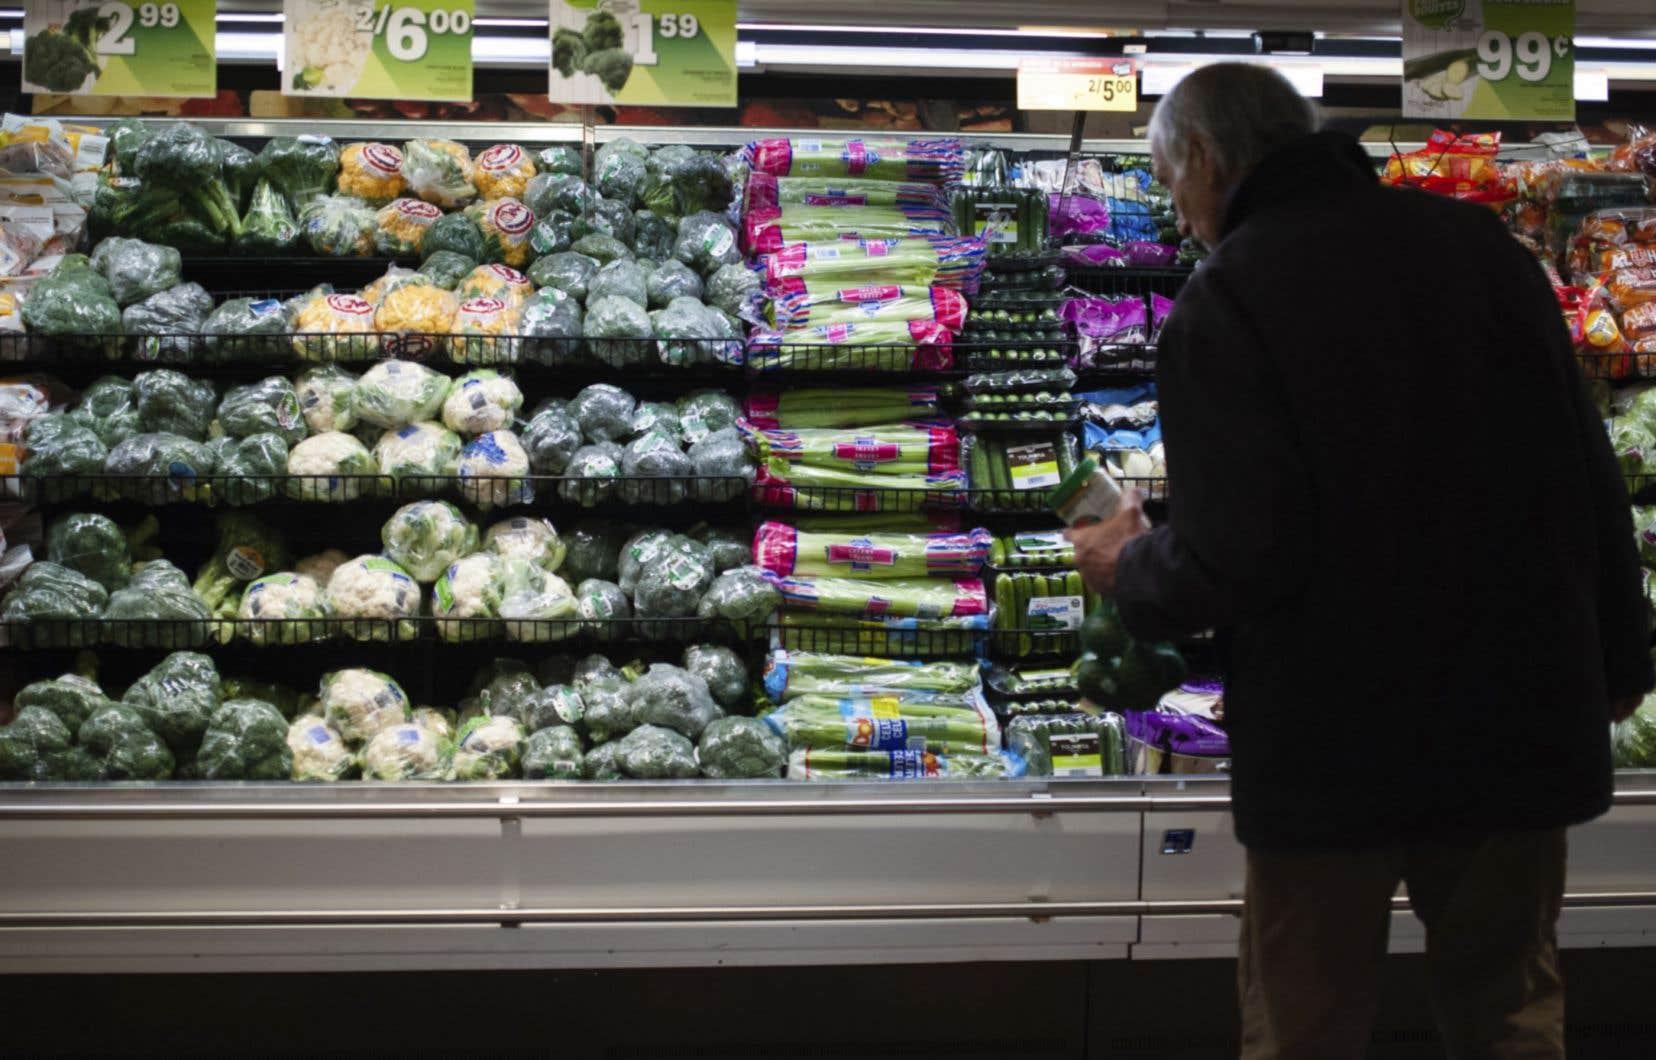 L'emballage plastique réduit notamment le gaspillage alimentaire, car les fruits et les légumes abimés par les clients demeurent dans les rayons, arguent les détaillants en alimentation.